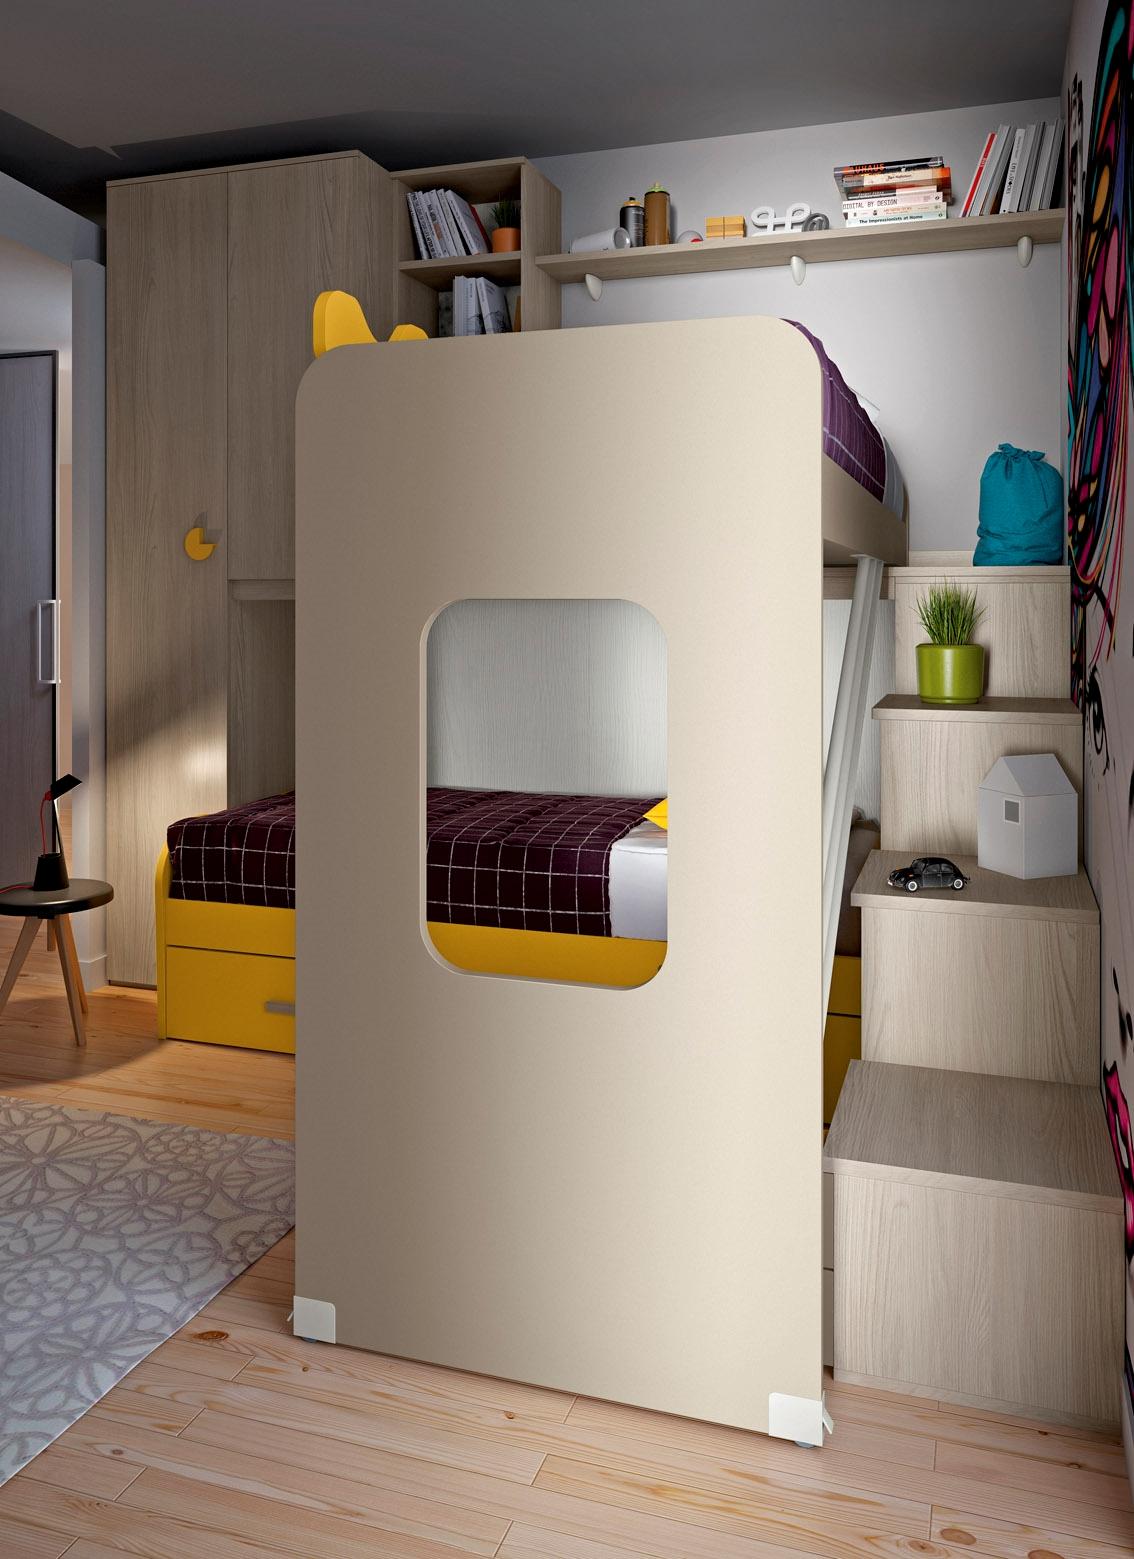 Camerette Per Bambini Moderne. Cameretta Per Bambini Dal Design ...